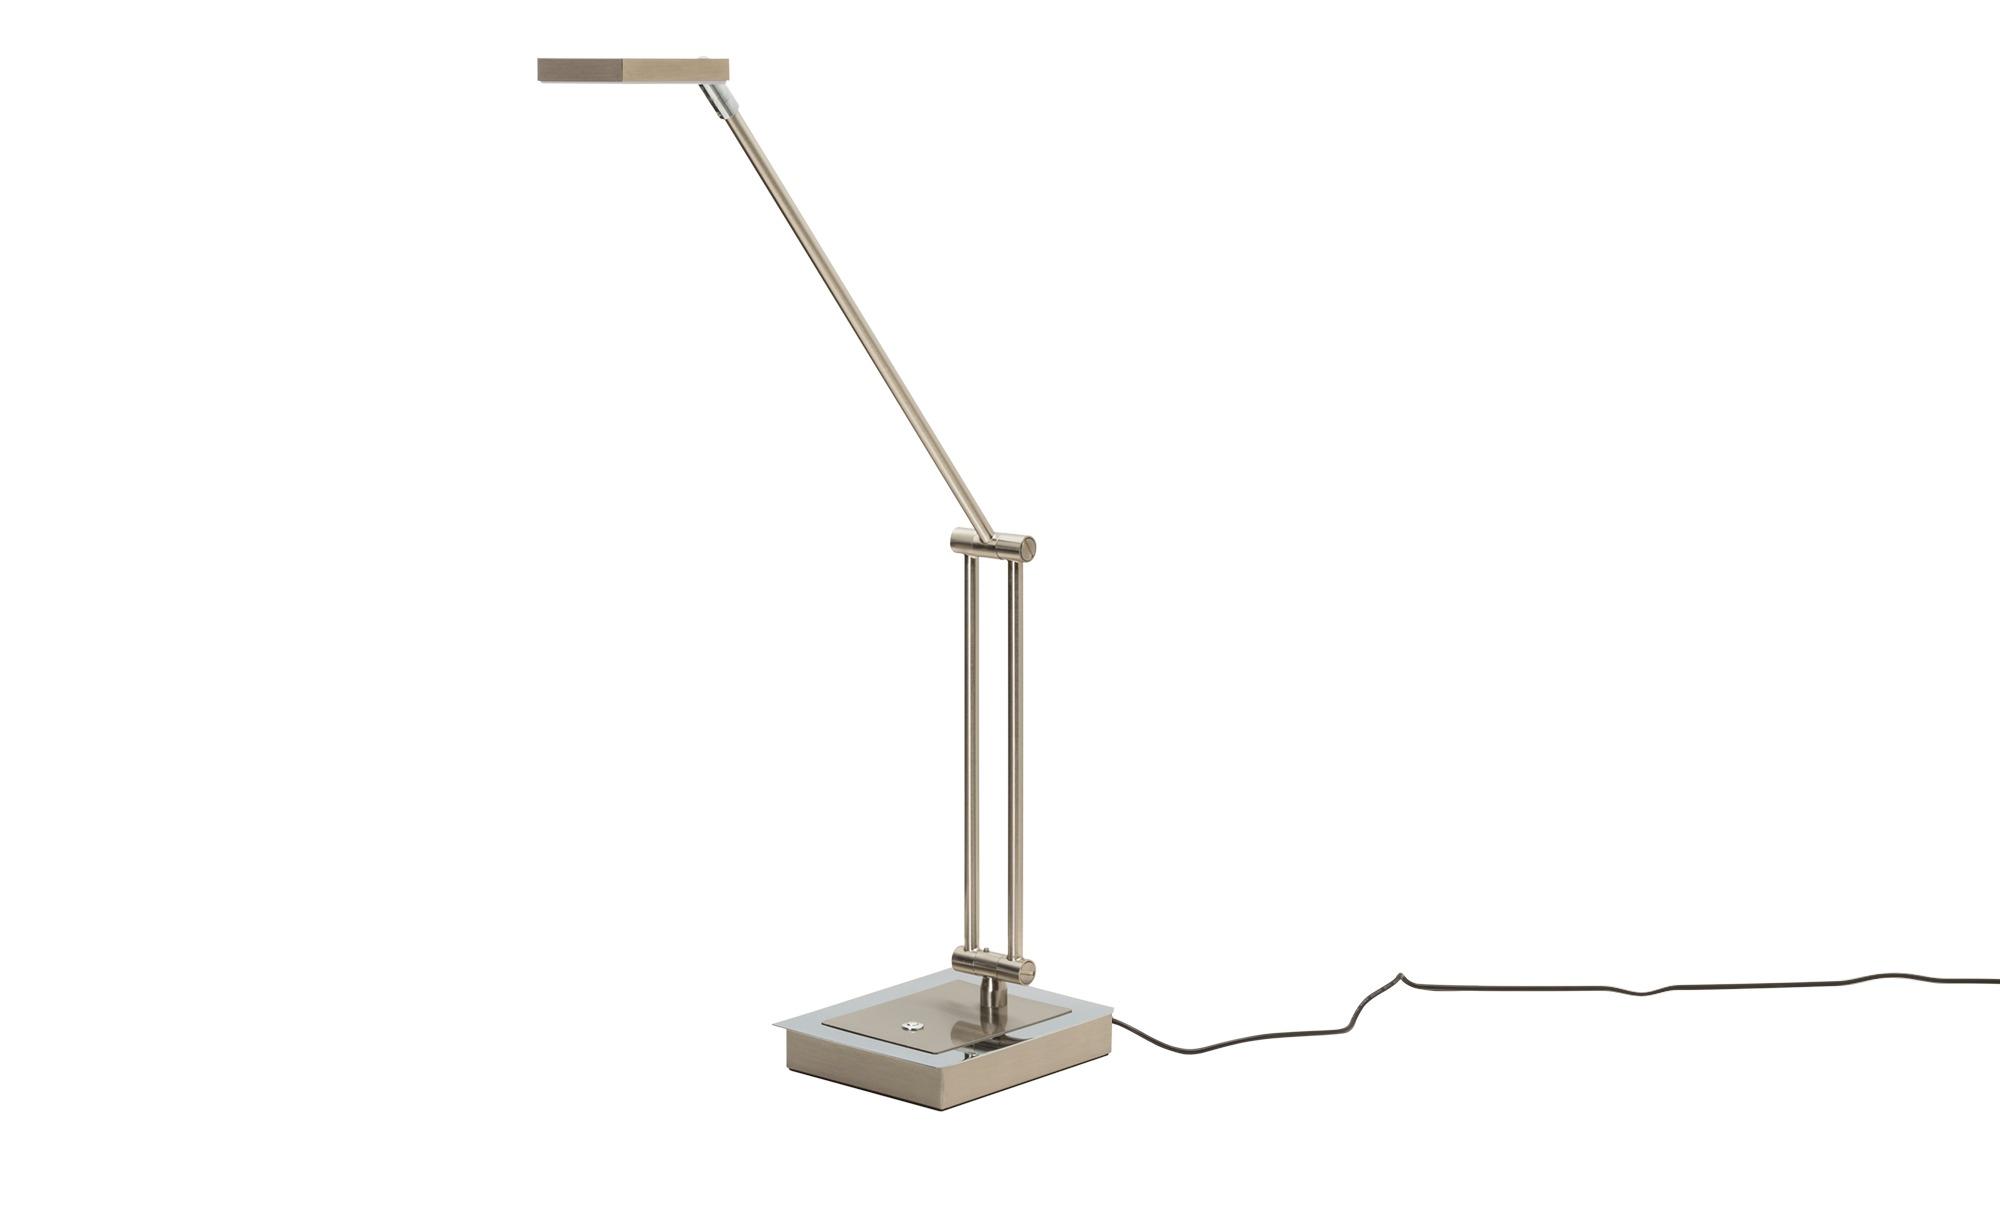 Paul Neuhaus LED-Tischleuchte nickel matt verstellbar ¦ silber ¦ Maße (cm): H: 75,5 Lampen & Leuchten > Innenleuchten > Tischlampen - Höffner